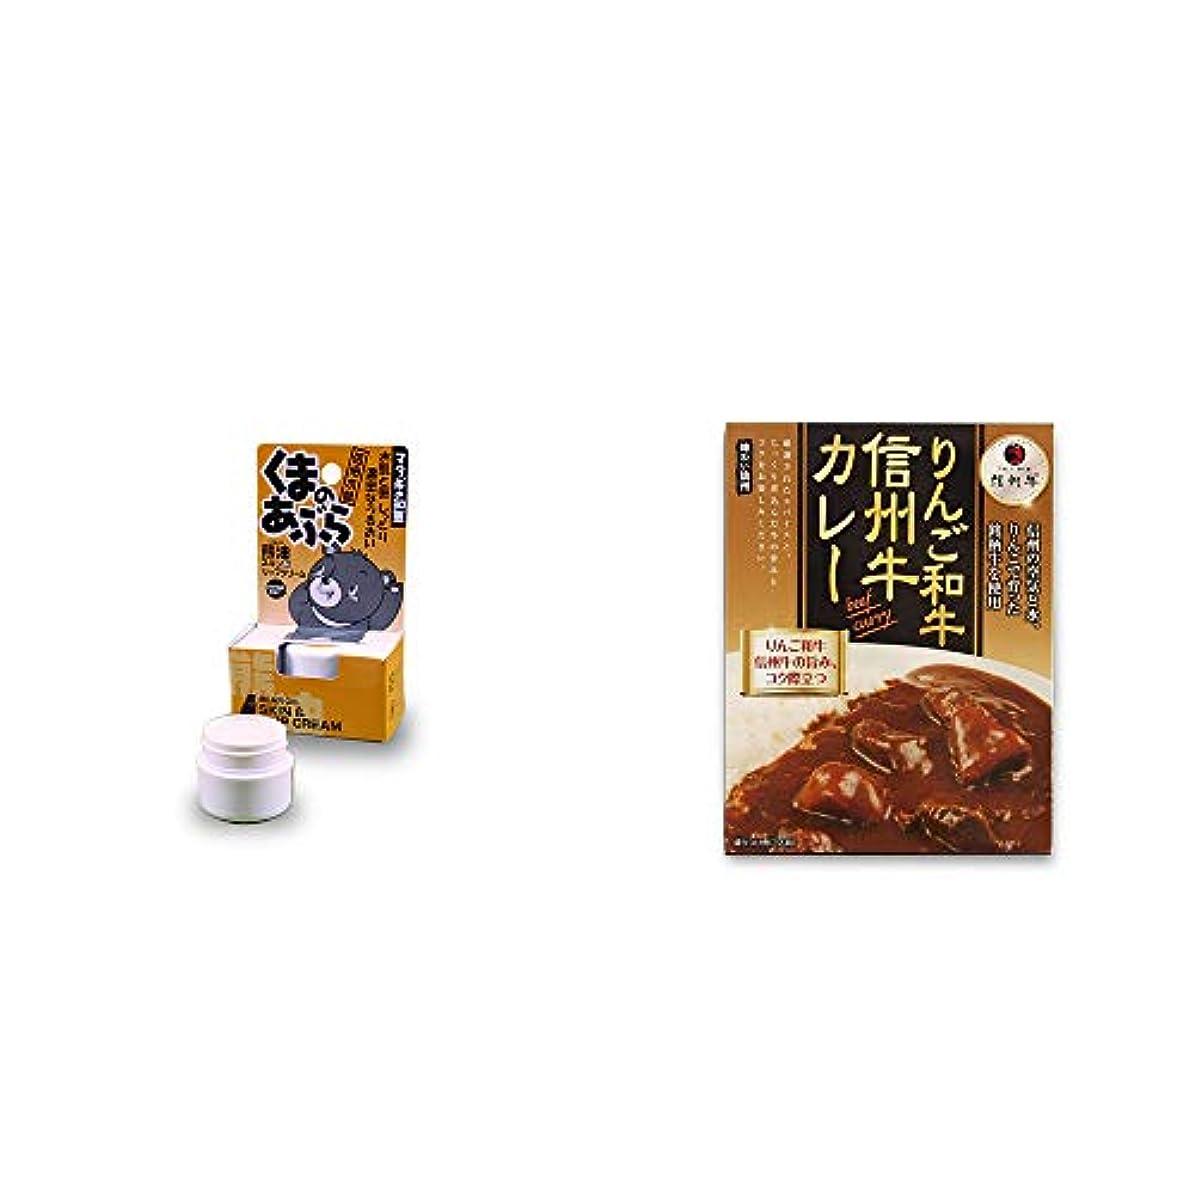 手錠スーパーマーケット押し下げる[2点セット] 信州木曽 くまのあぶら 熊油スキン&リップクリーム(9g)?りんご和牛 信州牛カレー(1食分)